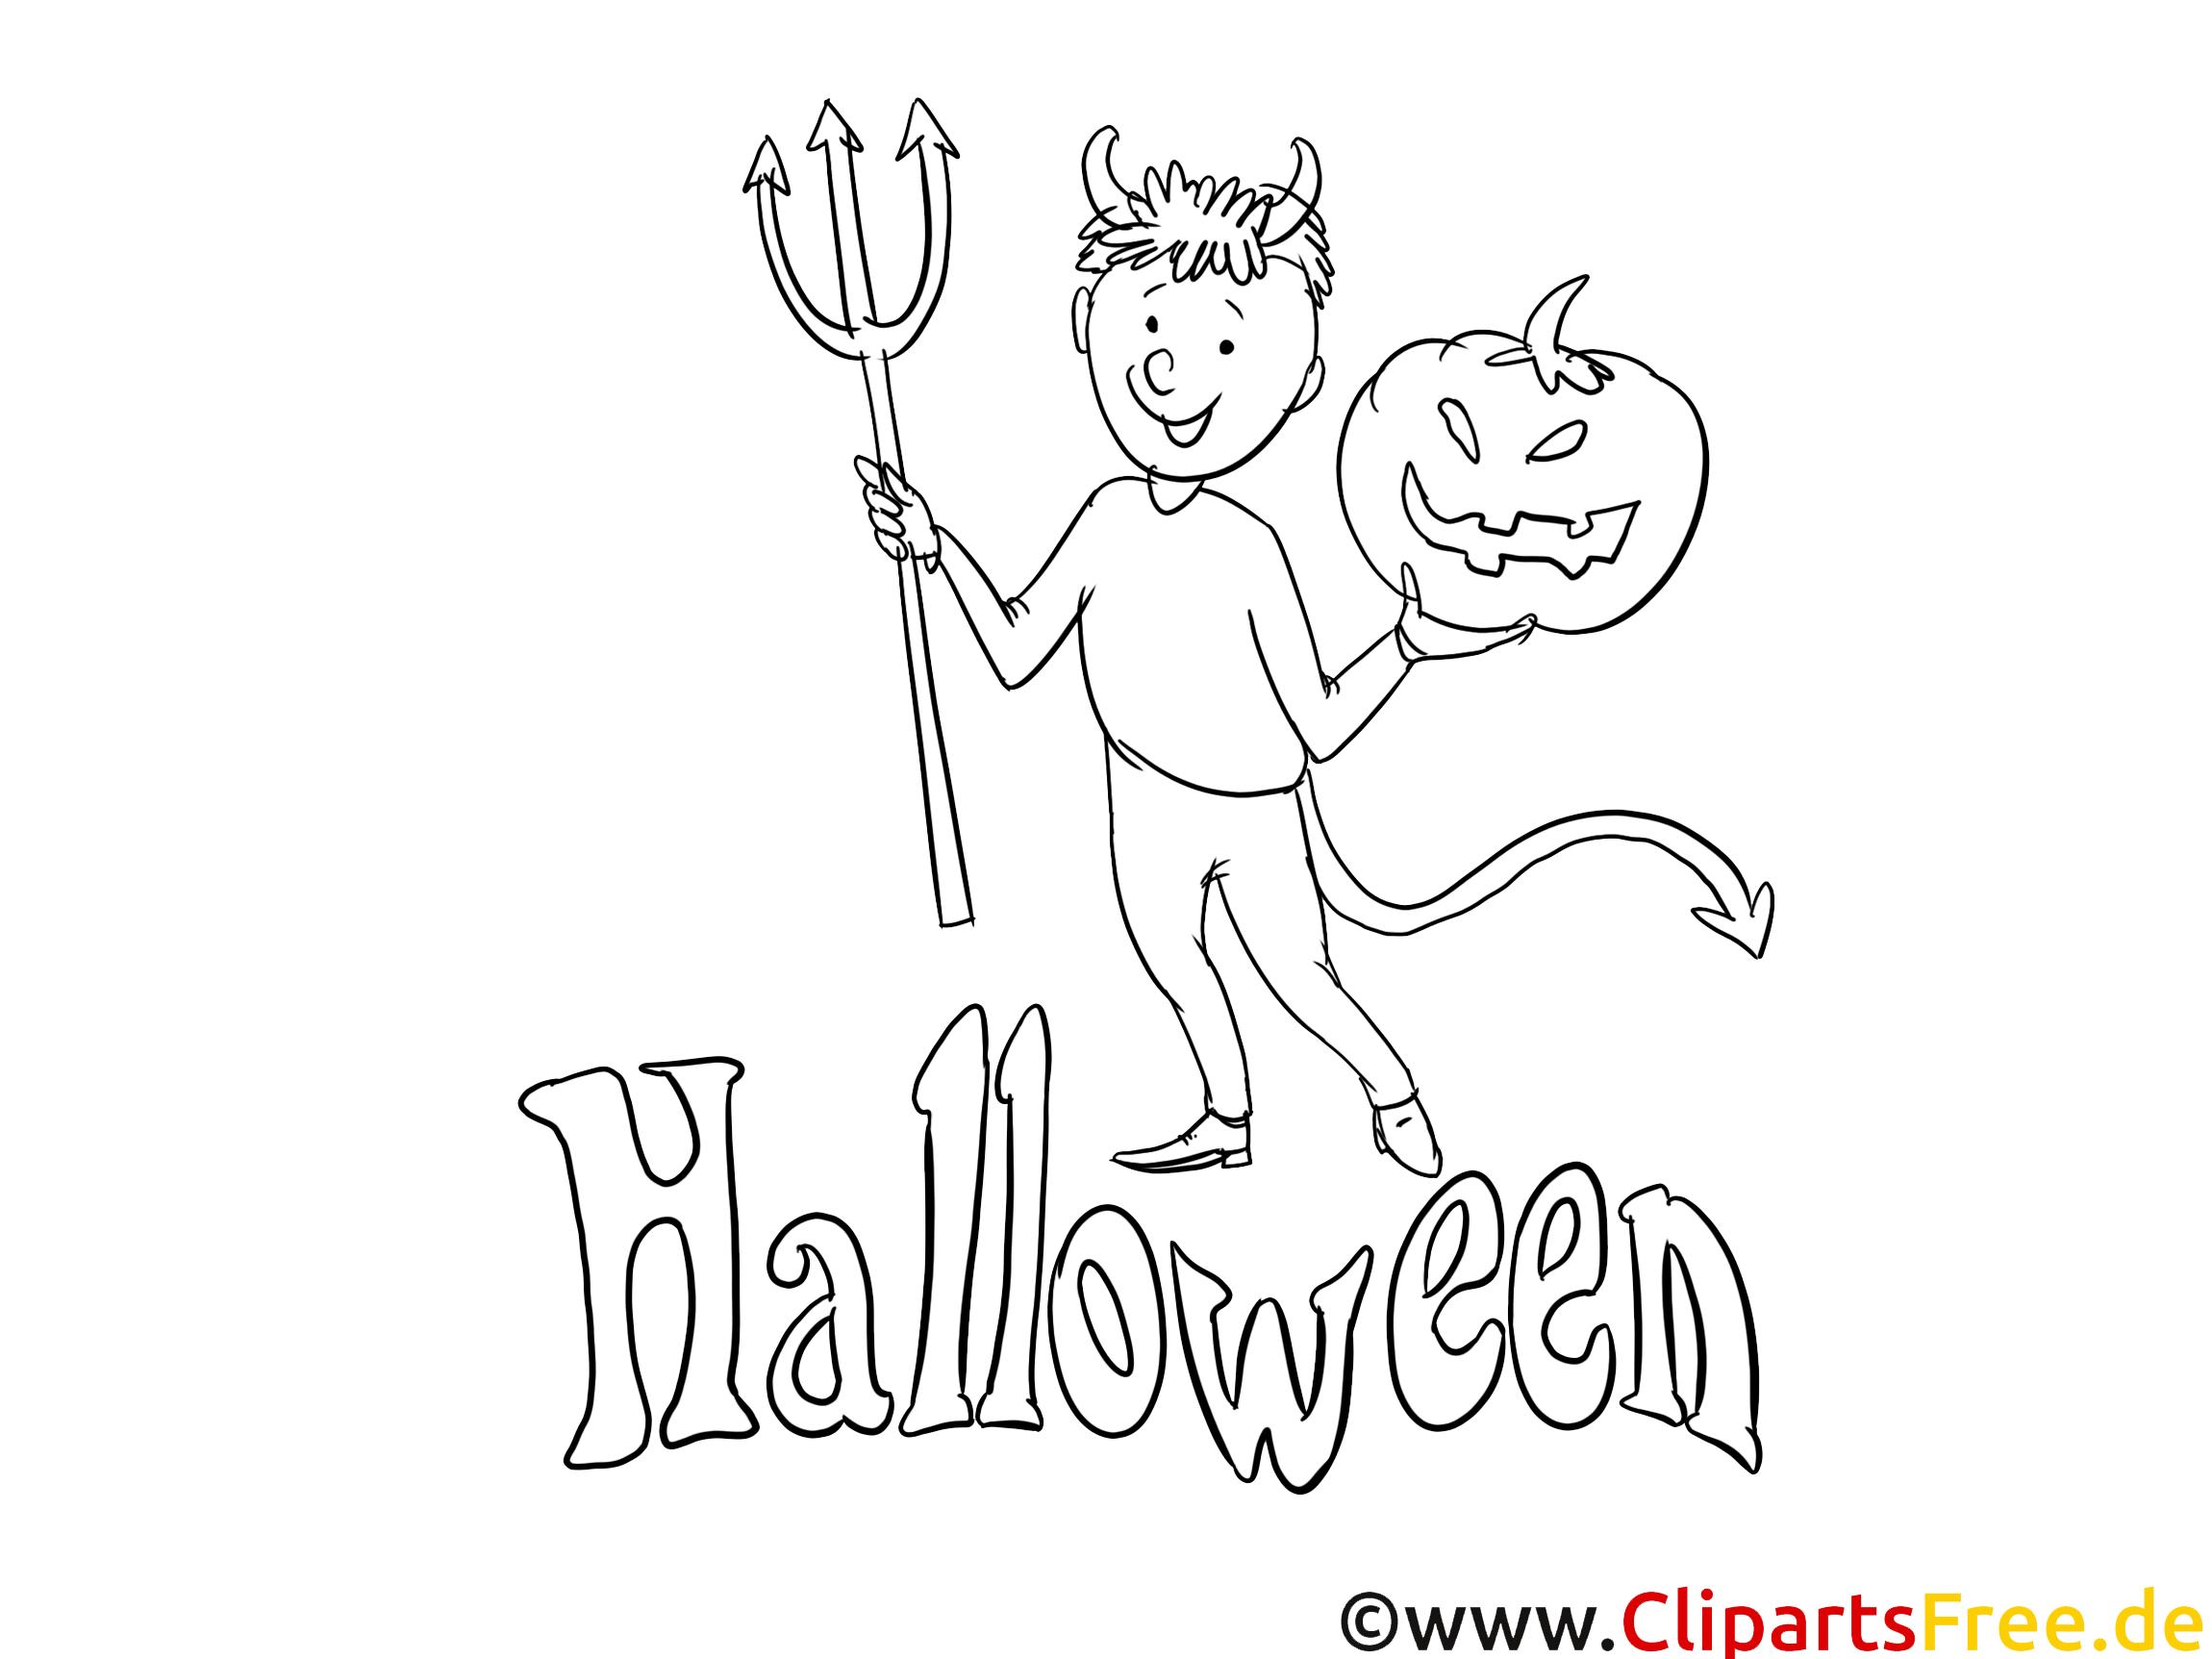 Malvorlagen für Erwachsene Halloween